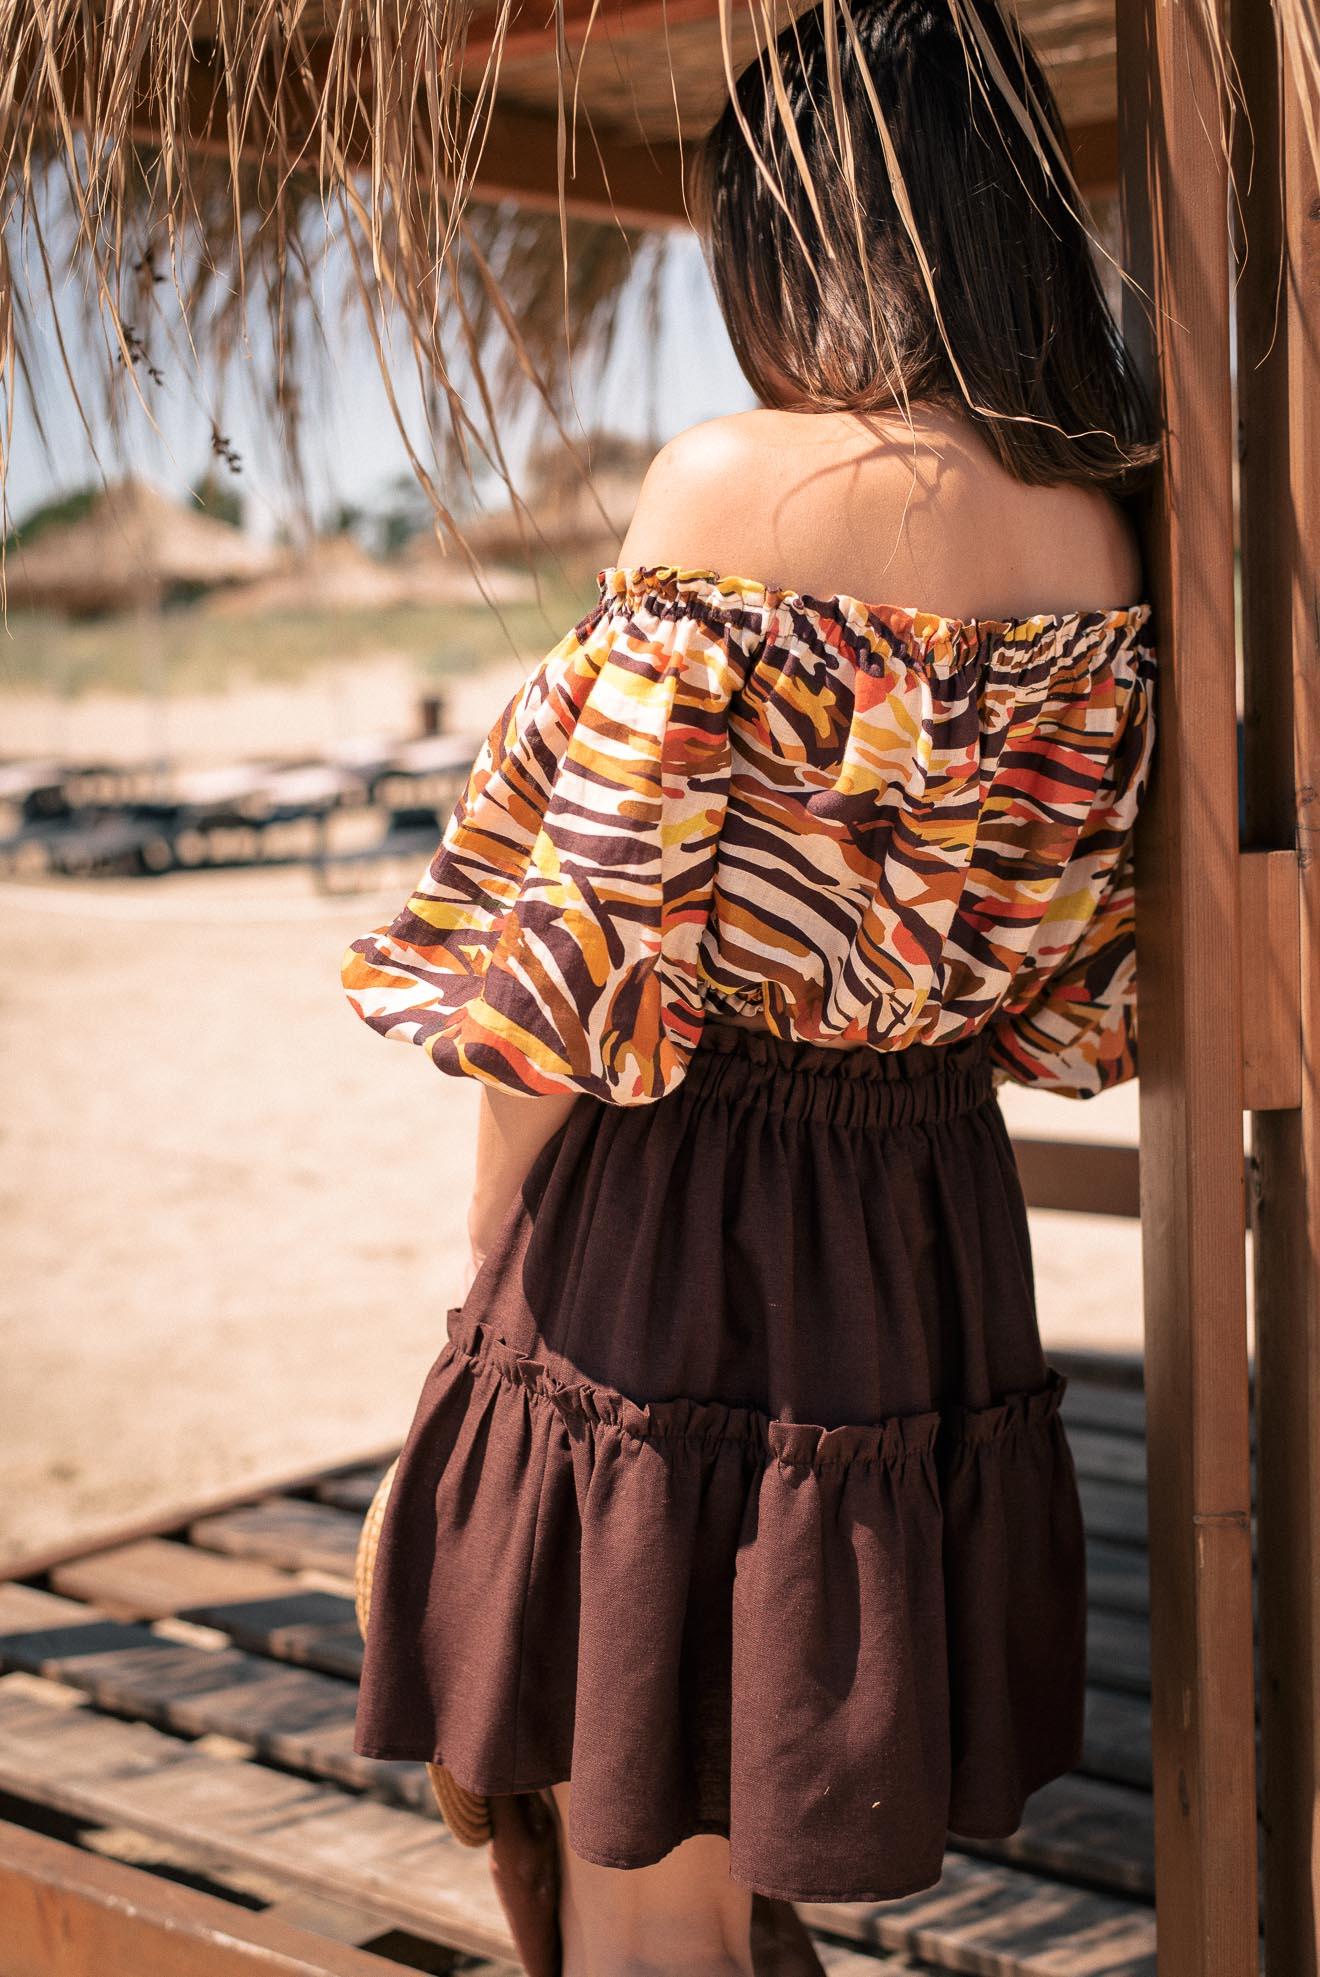 Linen blend skirt for hot summer days